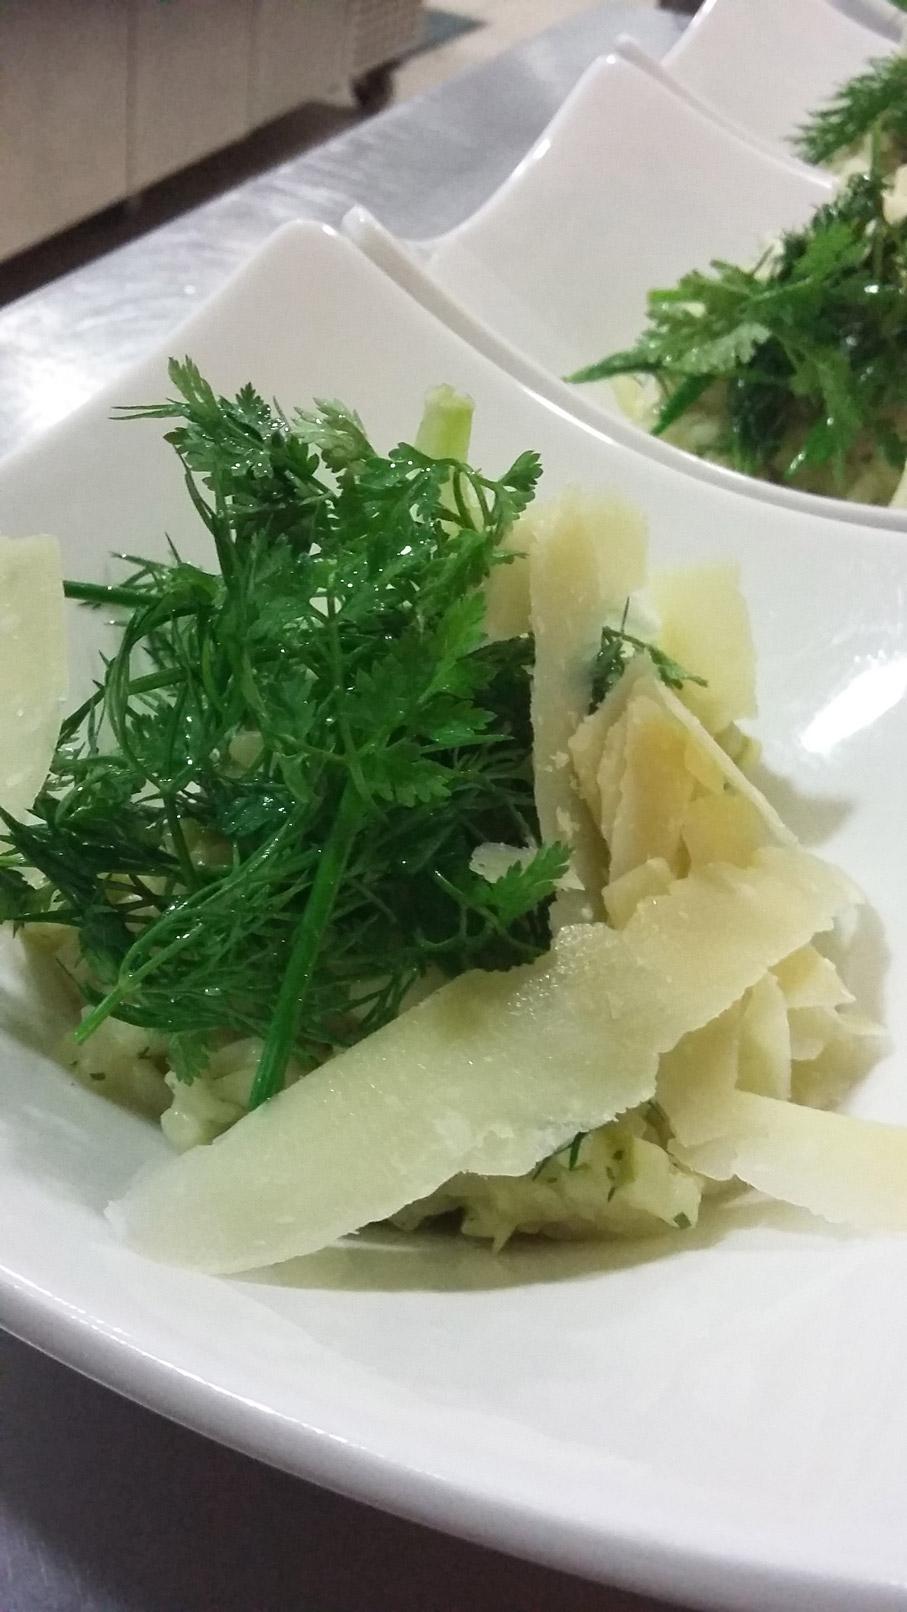 Risotto aux herbes et copeaux de parmesan - L'antre Gourmand